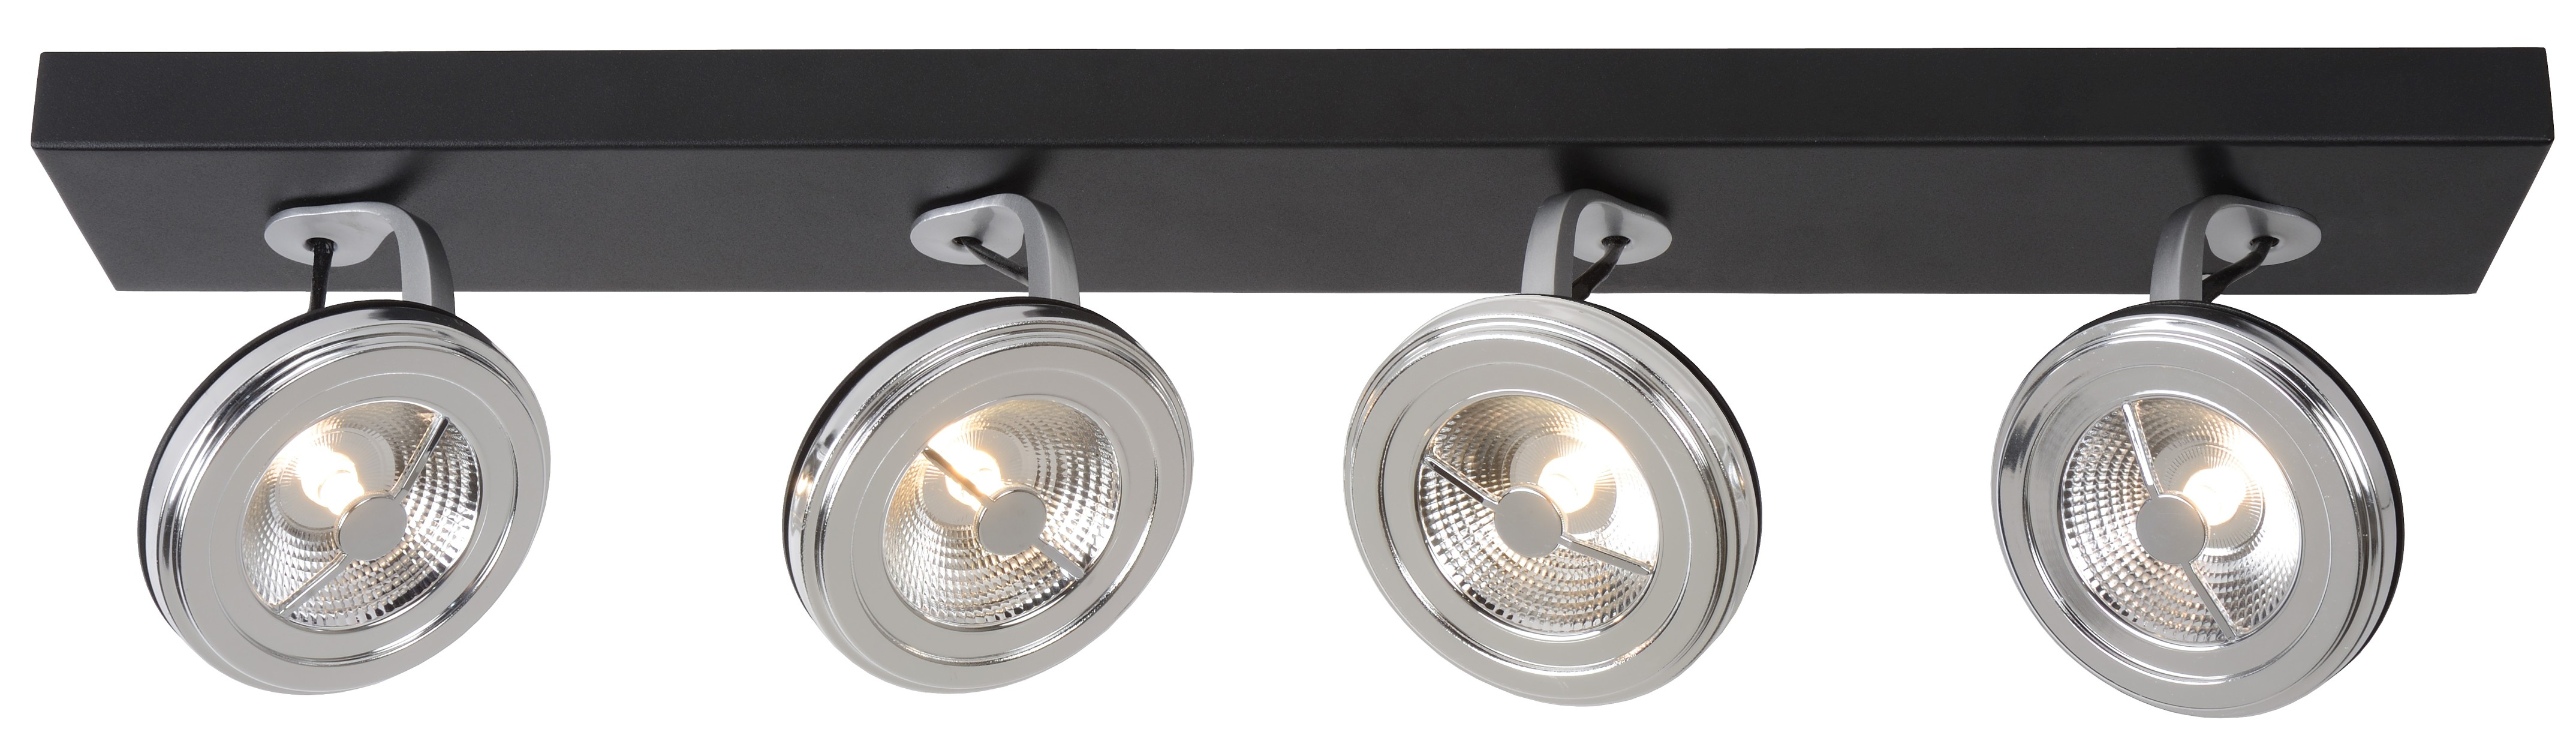 Lucide Plafondspot Xentrix 4 Lichts - Dimbare LED - Zwart